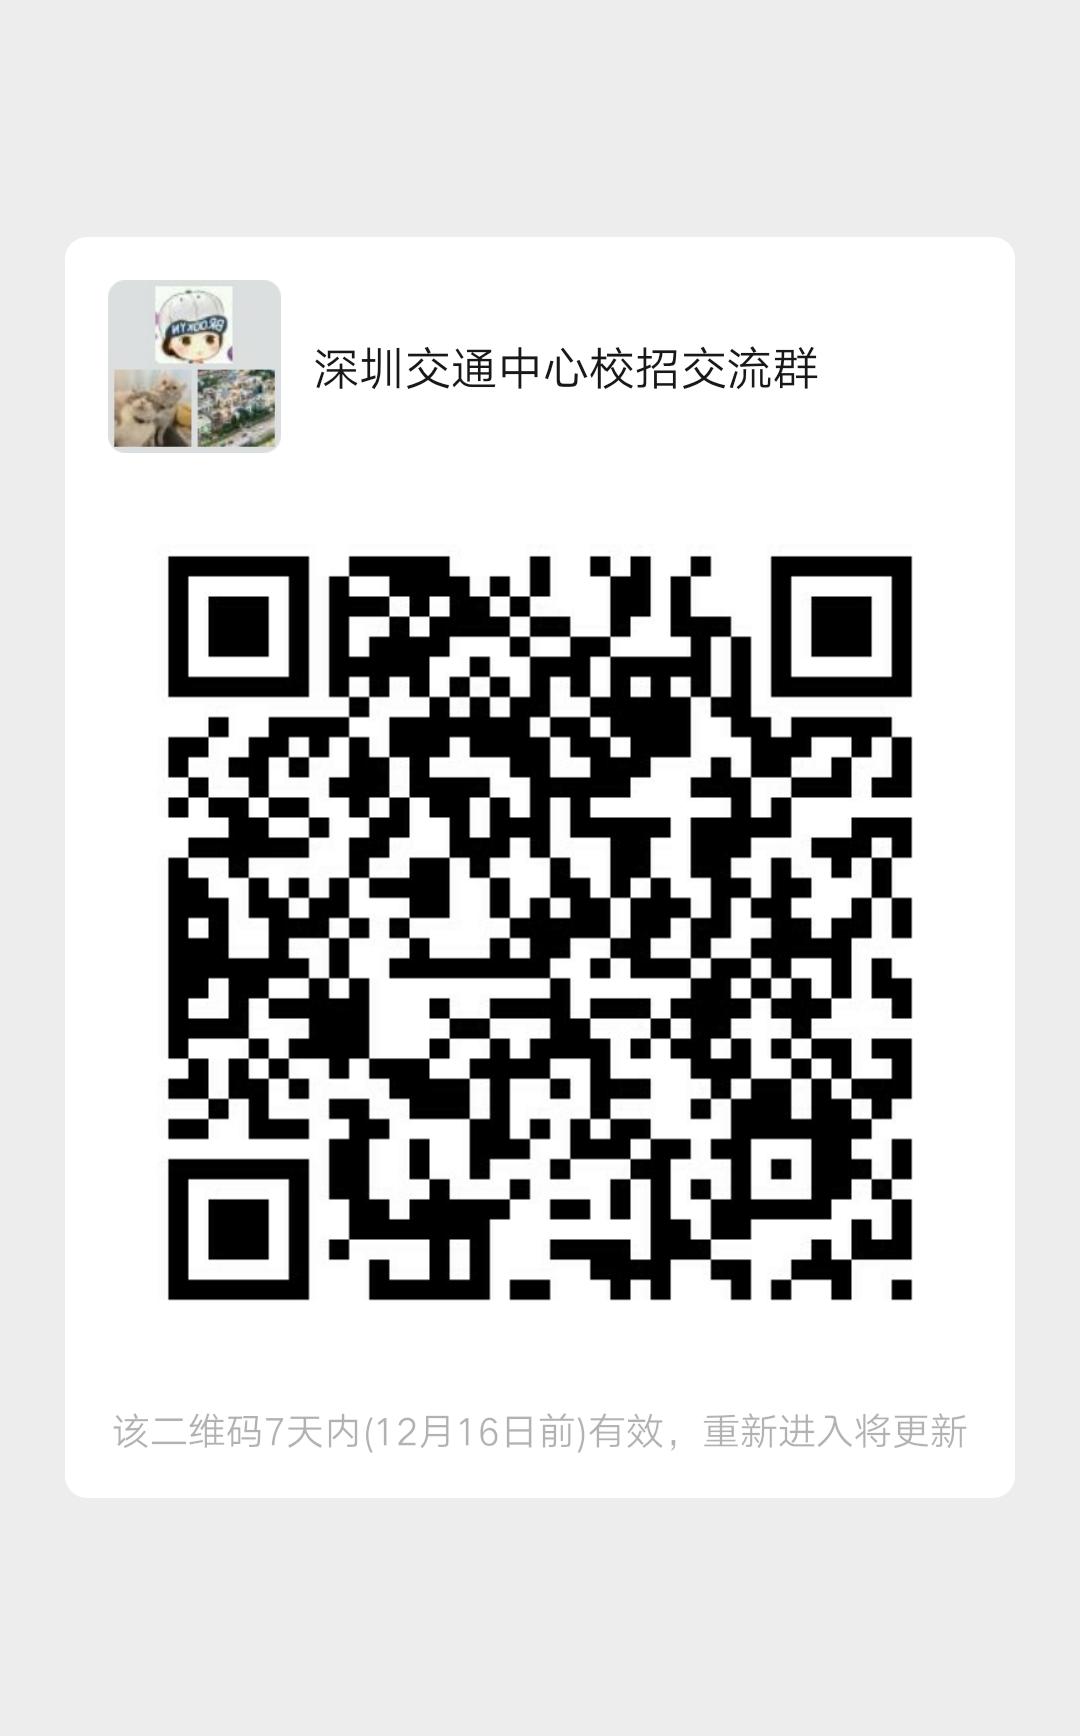 微信图片_20191209113831.png